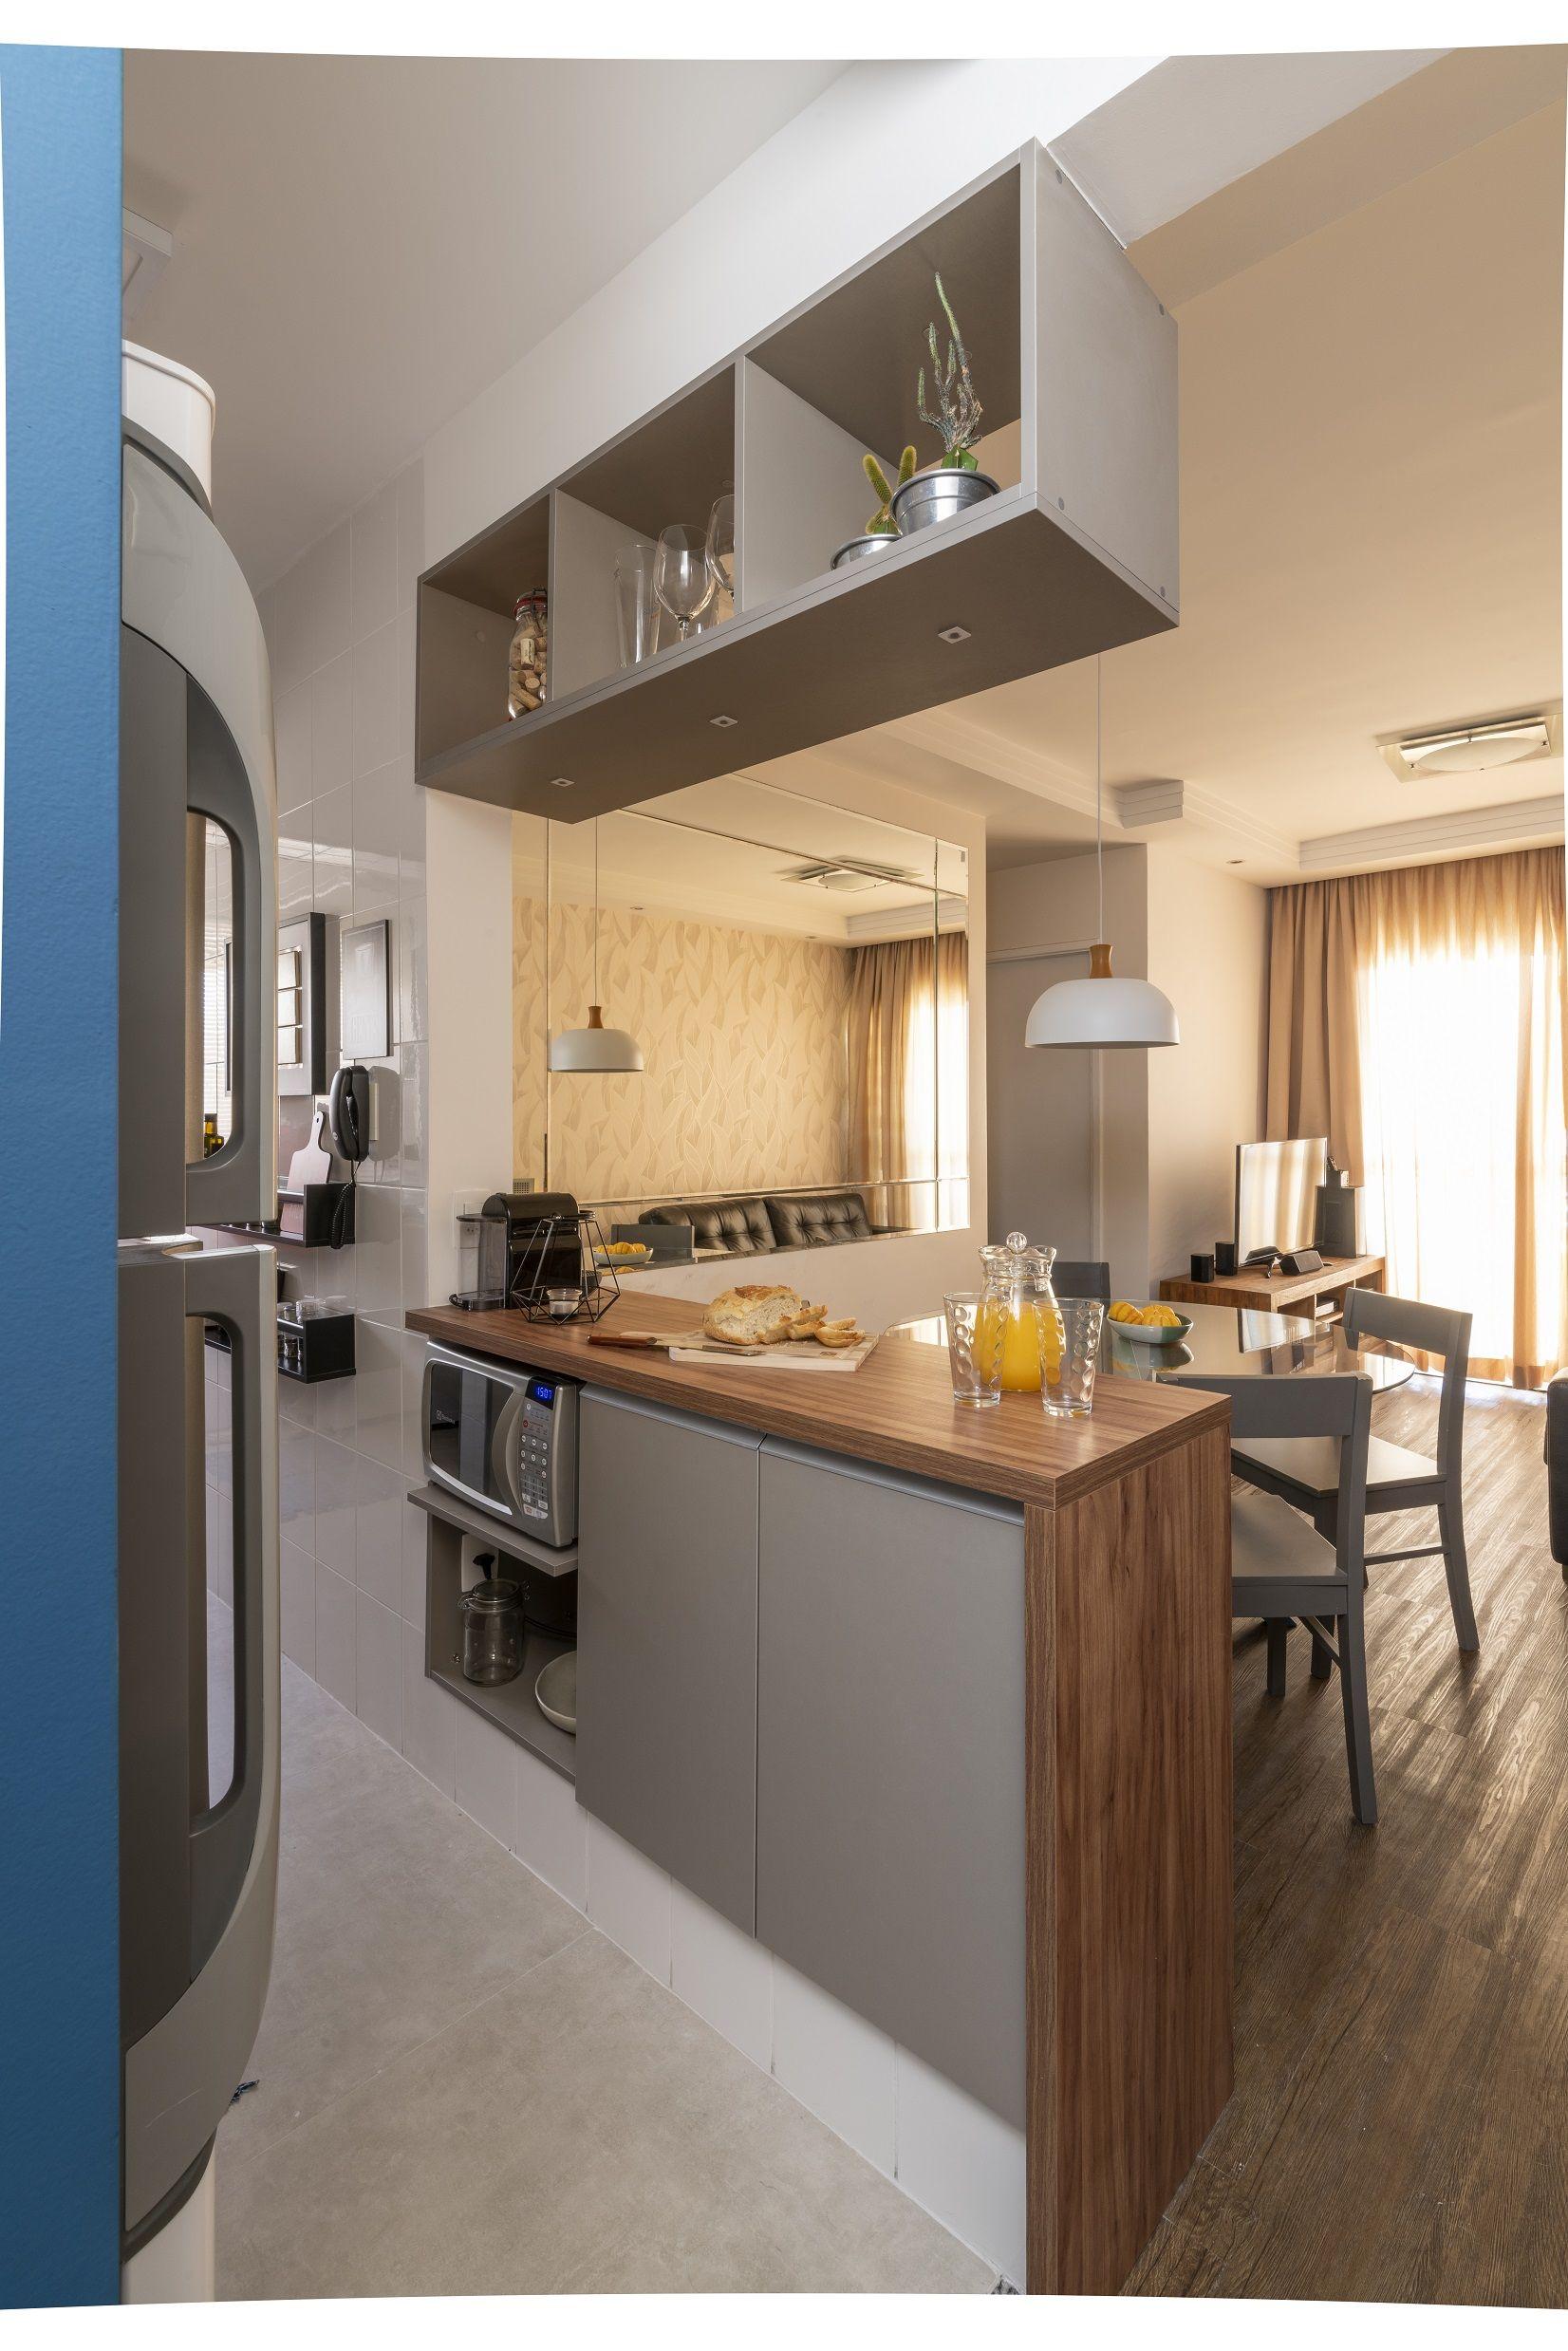 Os Acessorios Trazem Mais Organizacao Ao Ambiente Da Sua Cozinh